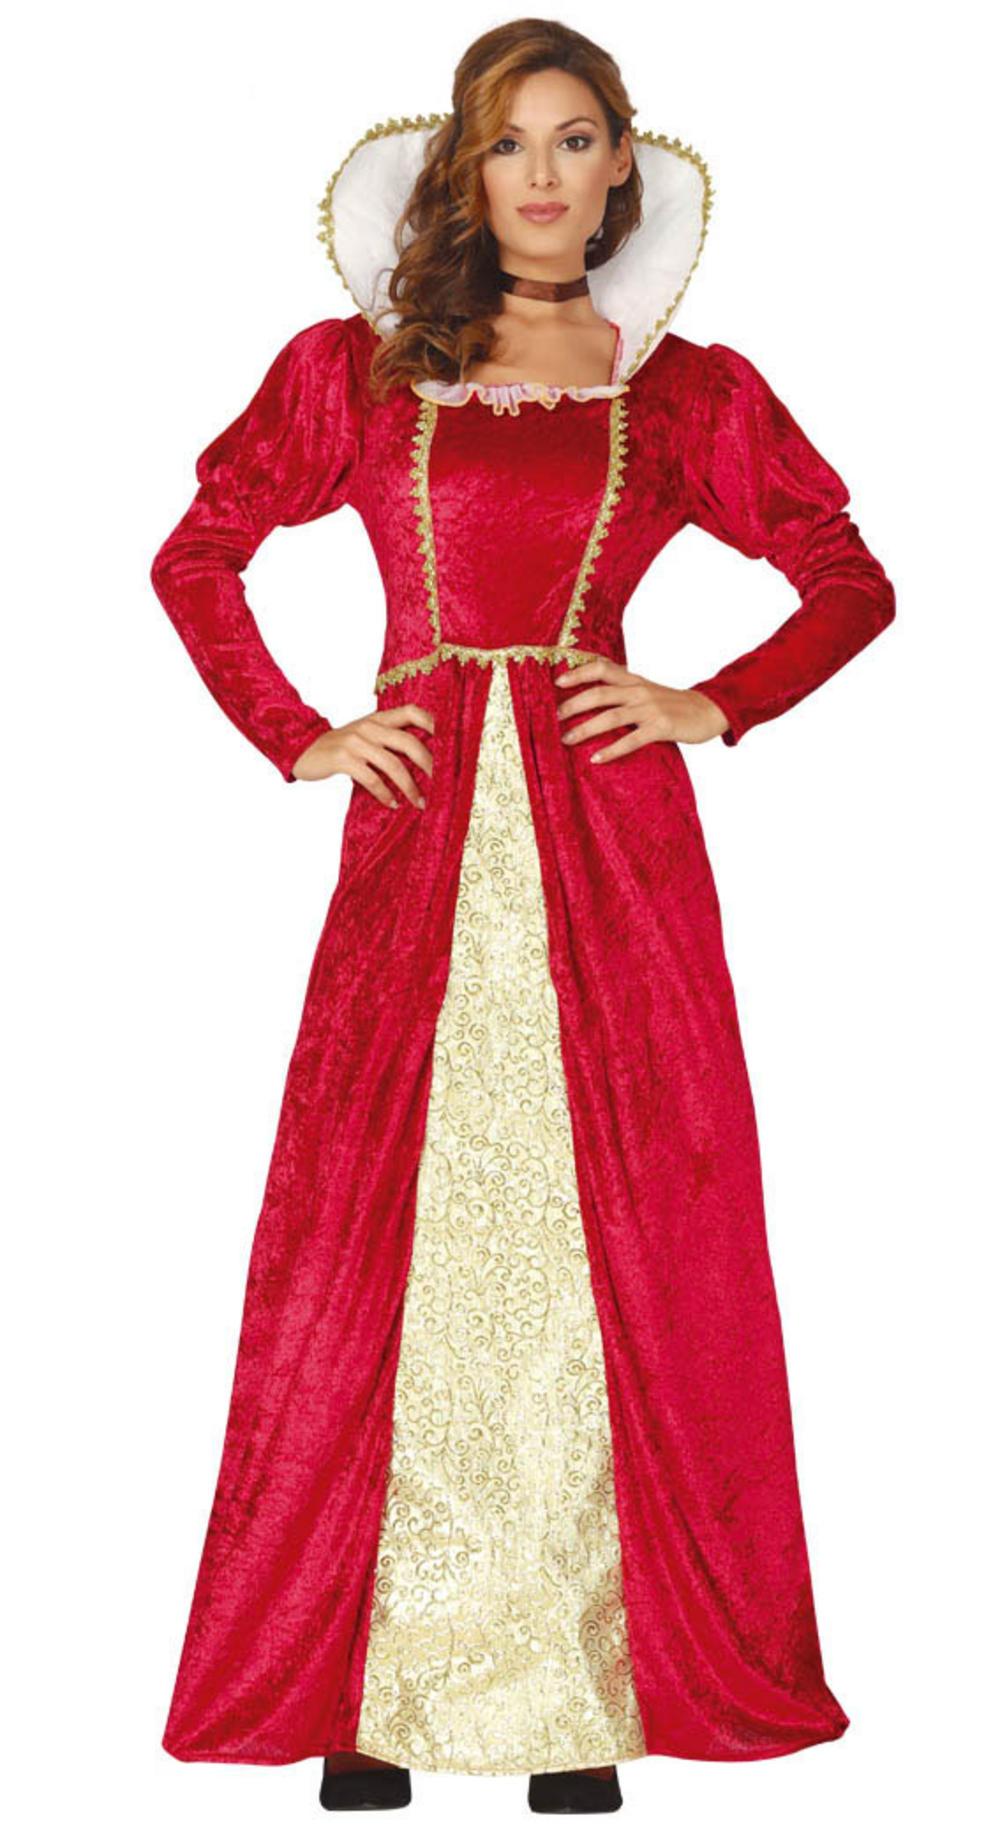 Ladies Queen Costume